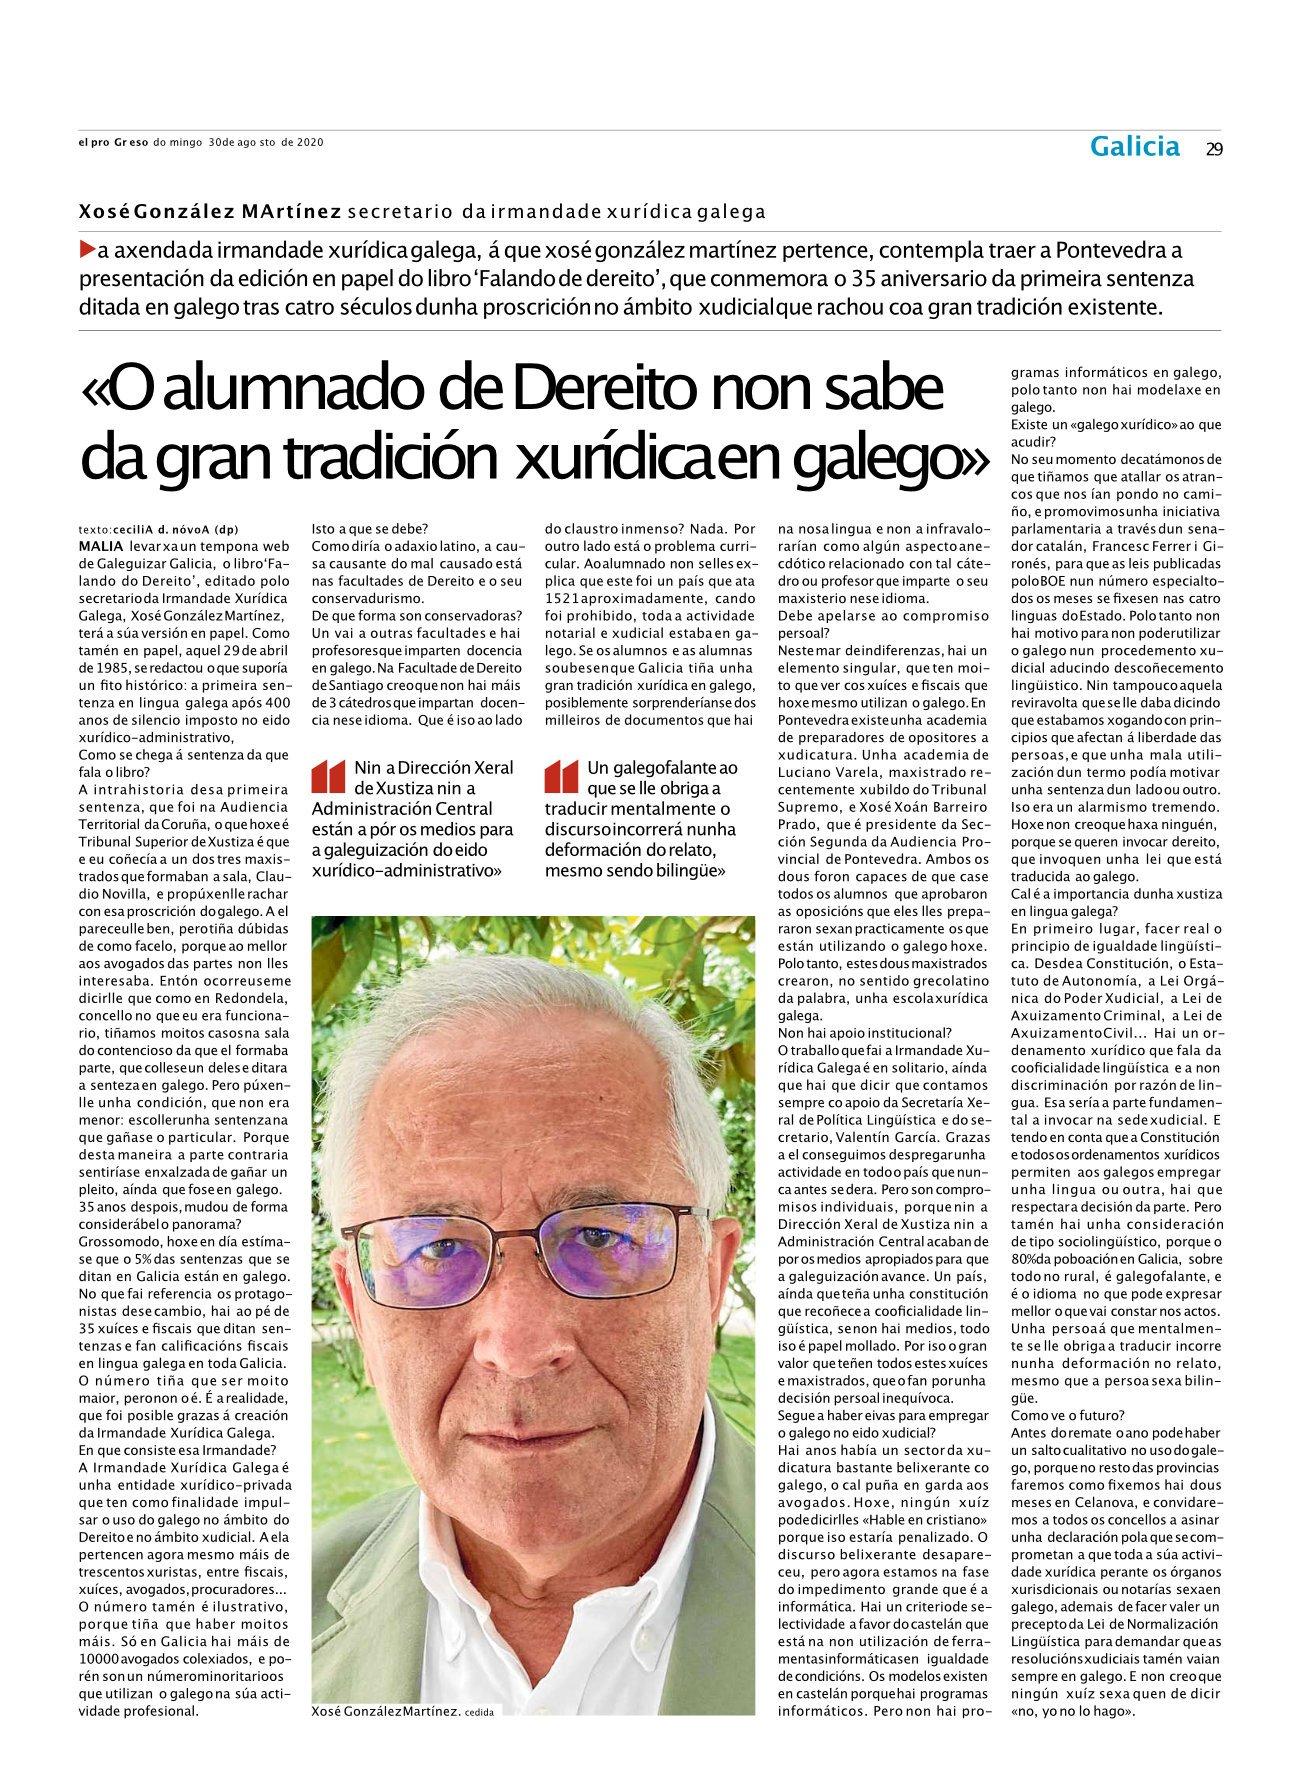 O alumnado de Dereito non sabe da gran tradición xurídica en galego